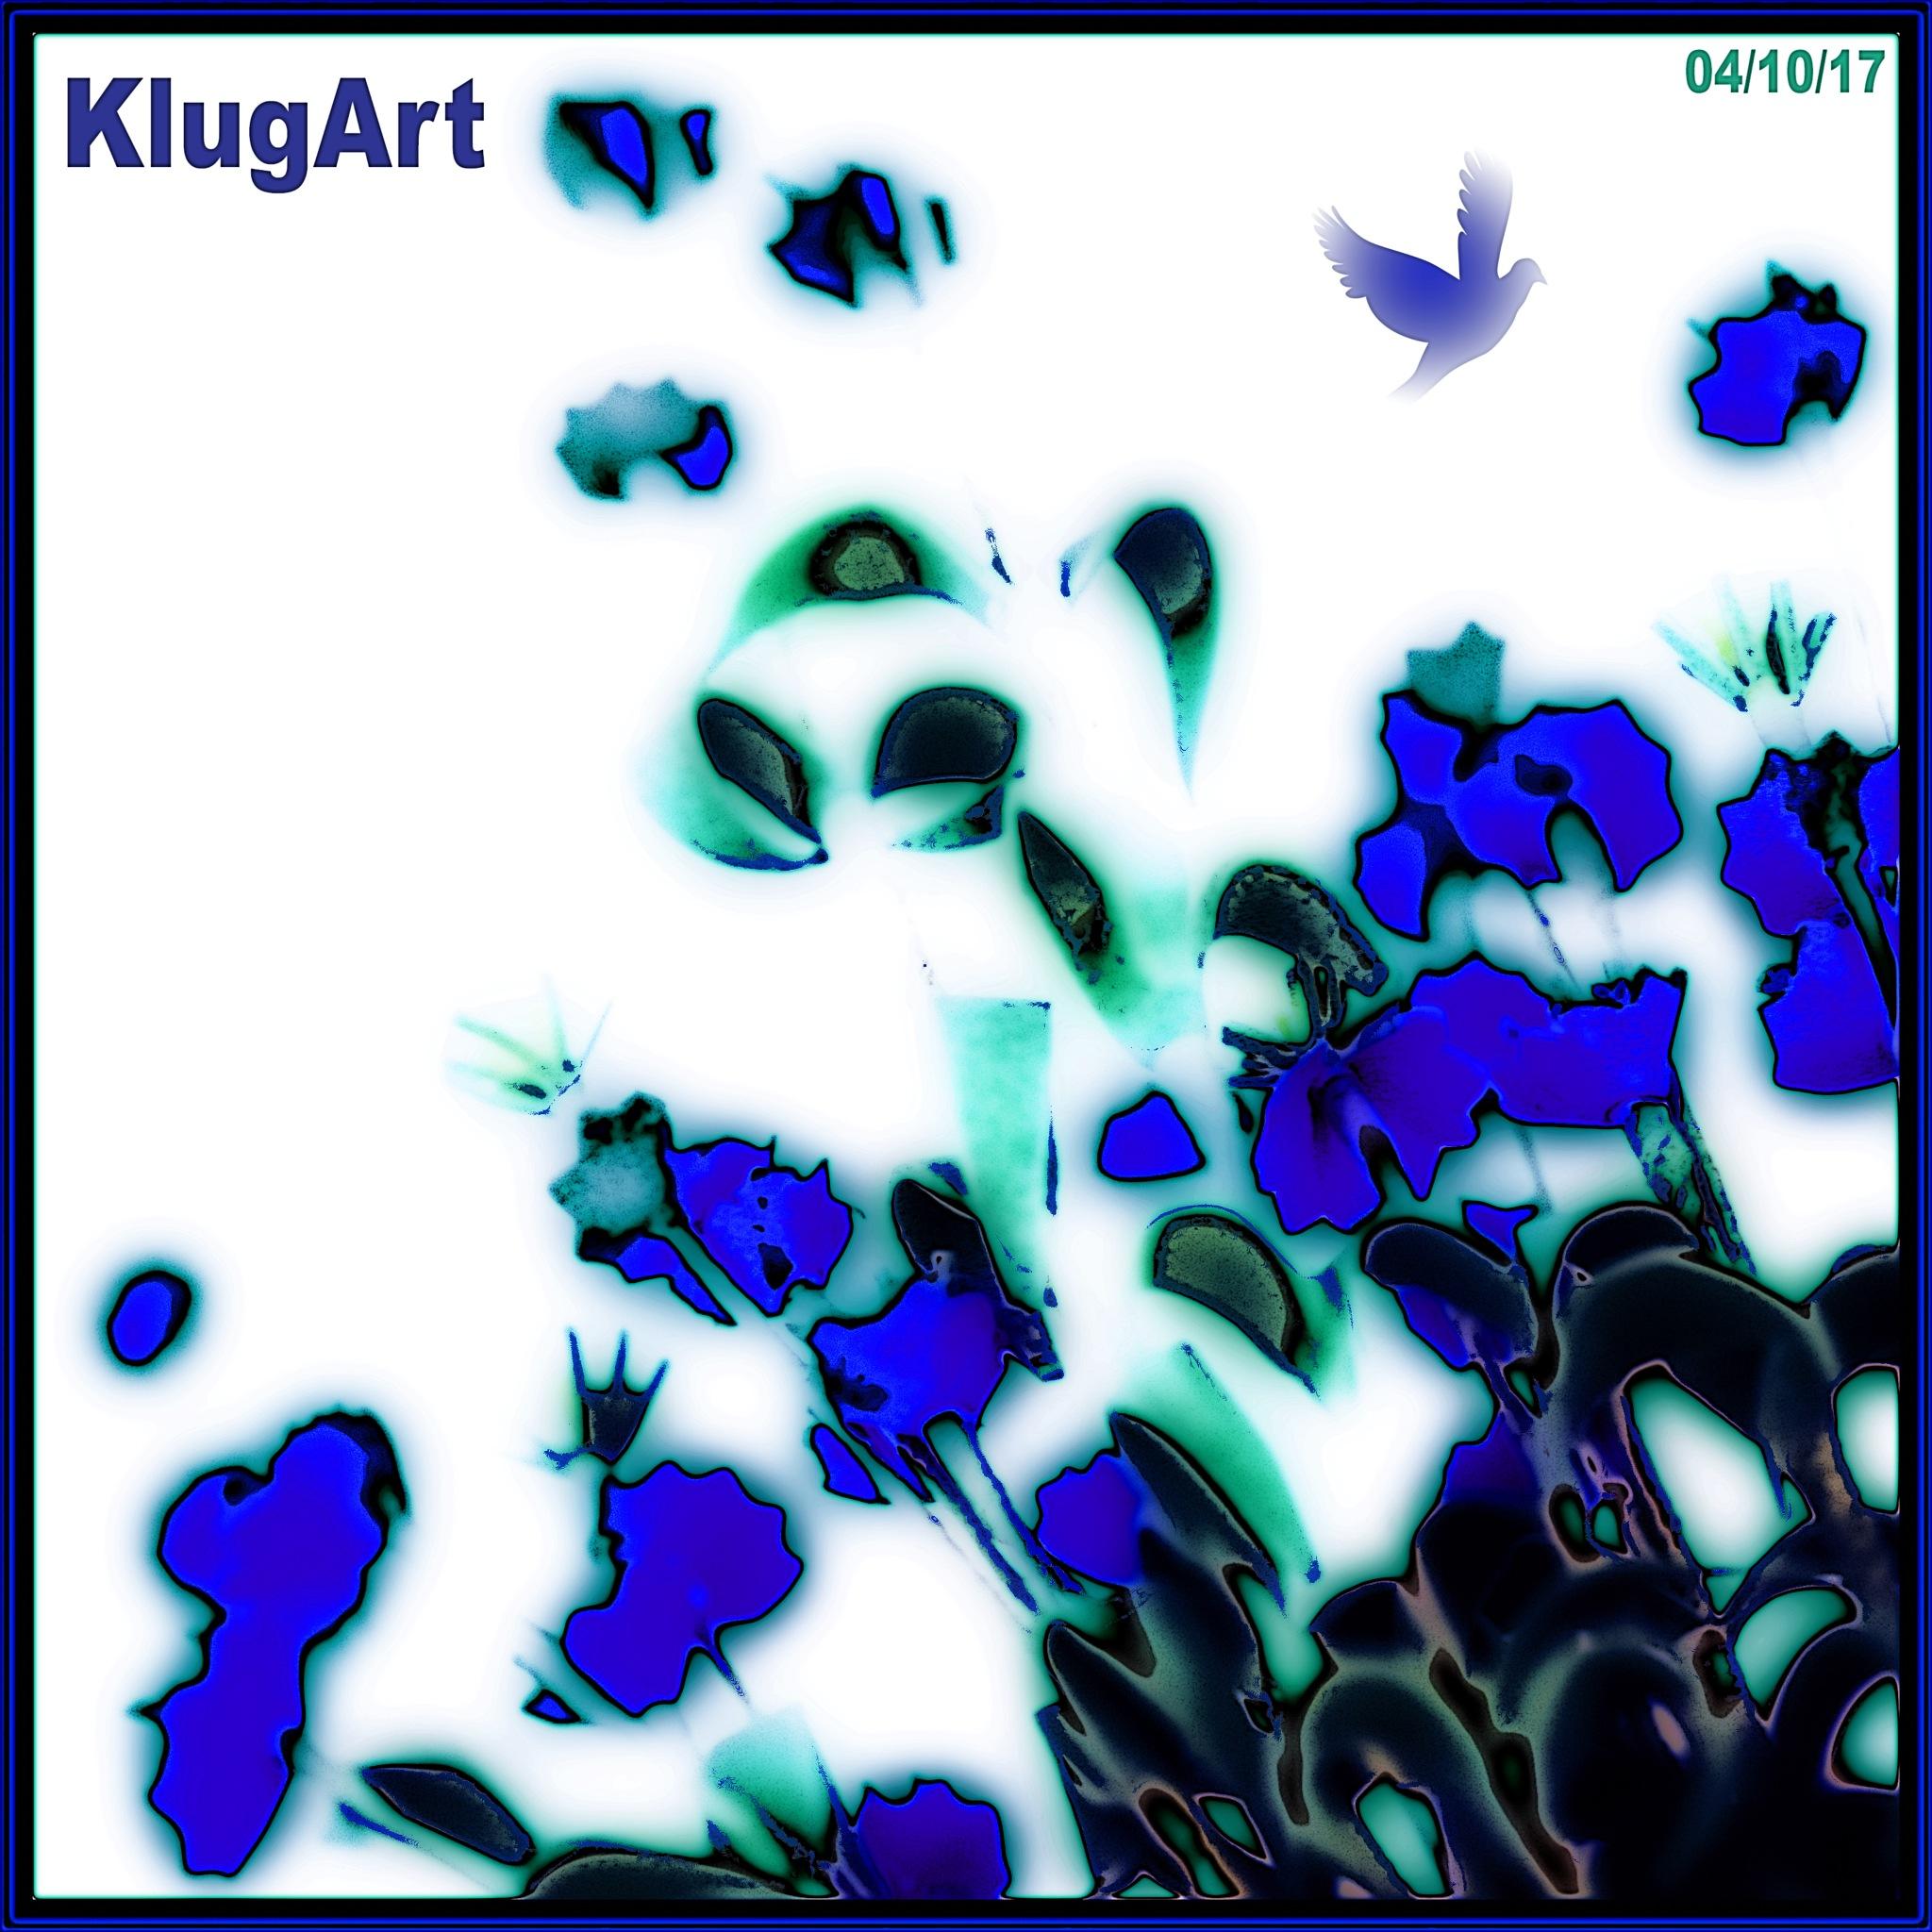 Untitled by Alain Klug